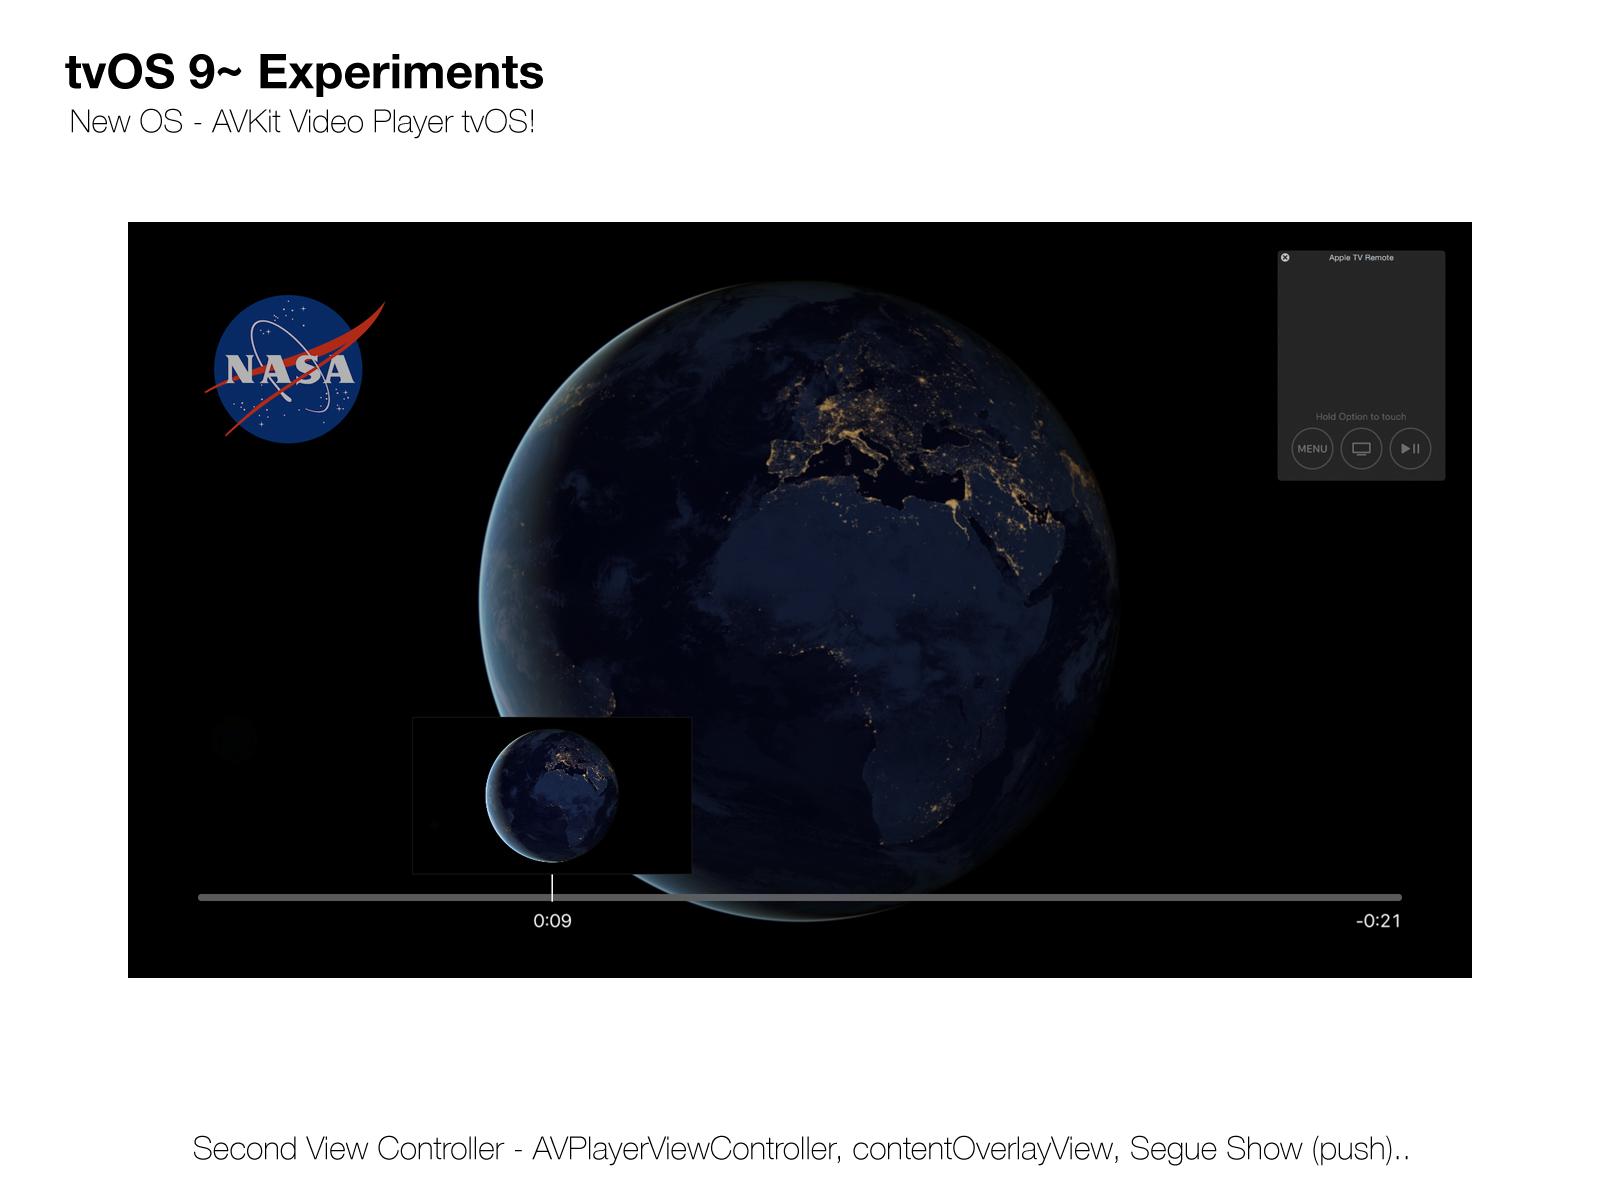 GitHub - Sweefties/tvOS9-VideoPlayer: tvOS 9~ Experiments